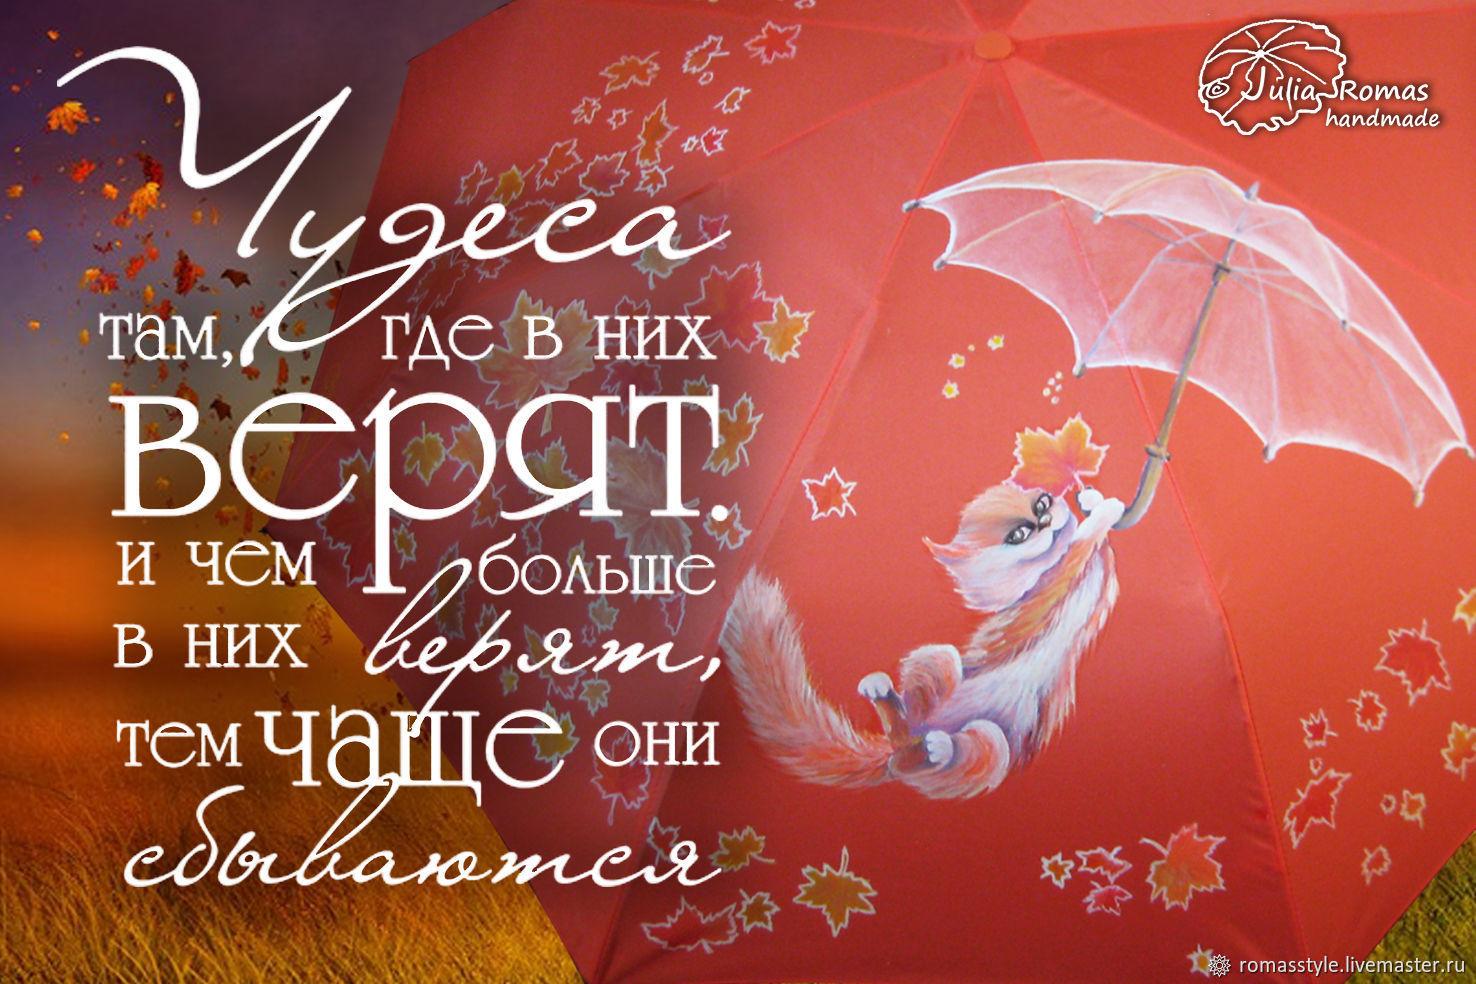 """Открытка-мотиватор """"Чудеса там, где в них верят"""", Открытки, Санкт-Петербург,  Фото №1"""